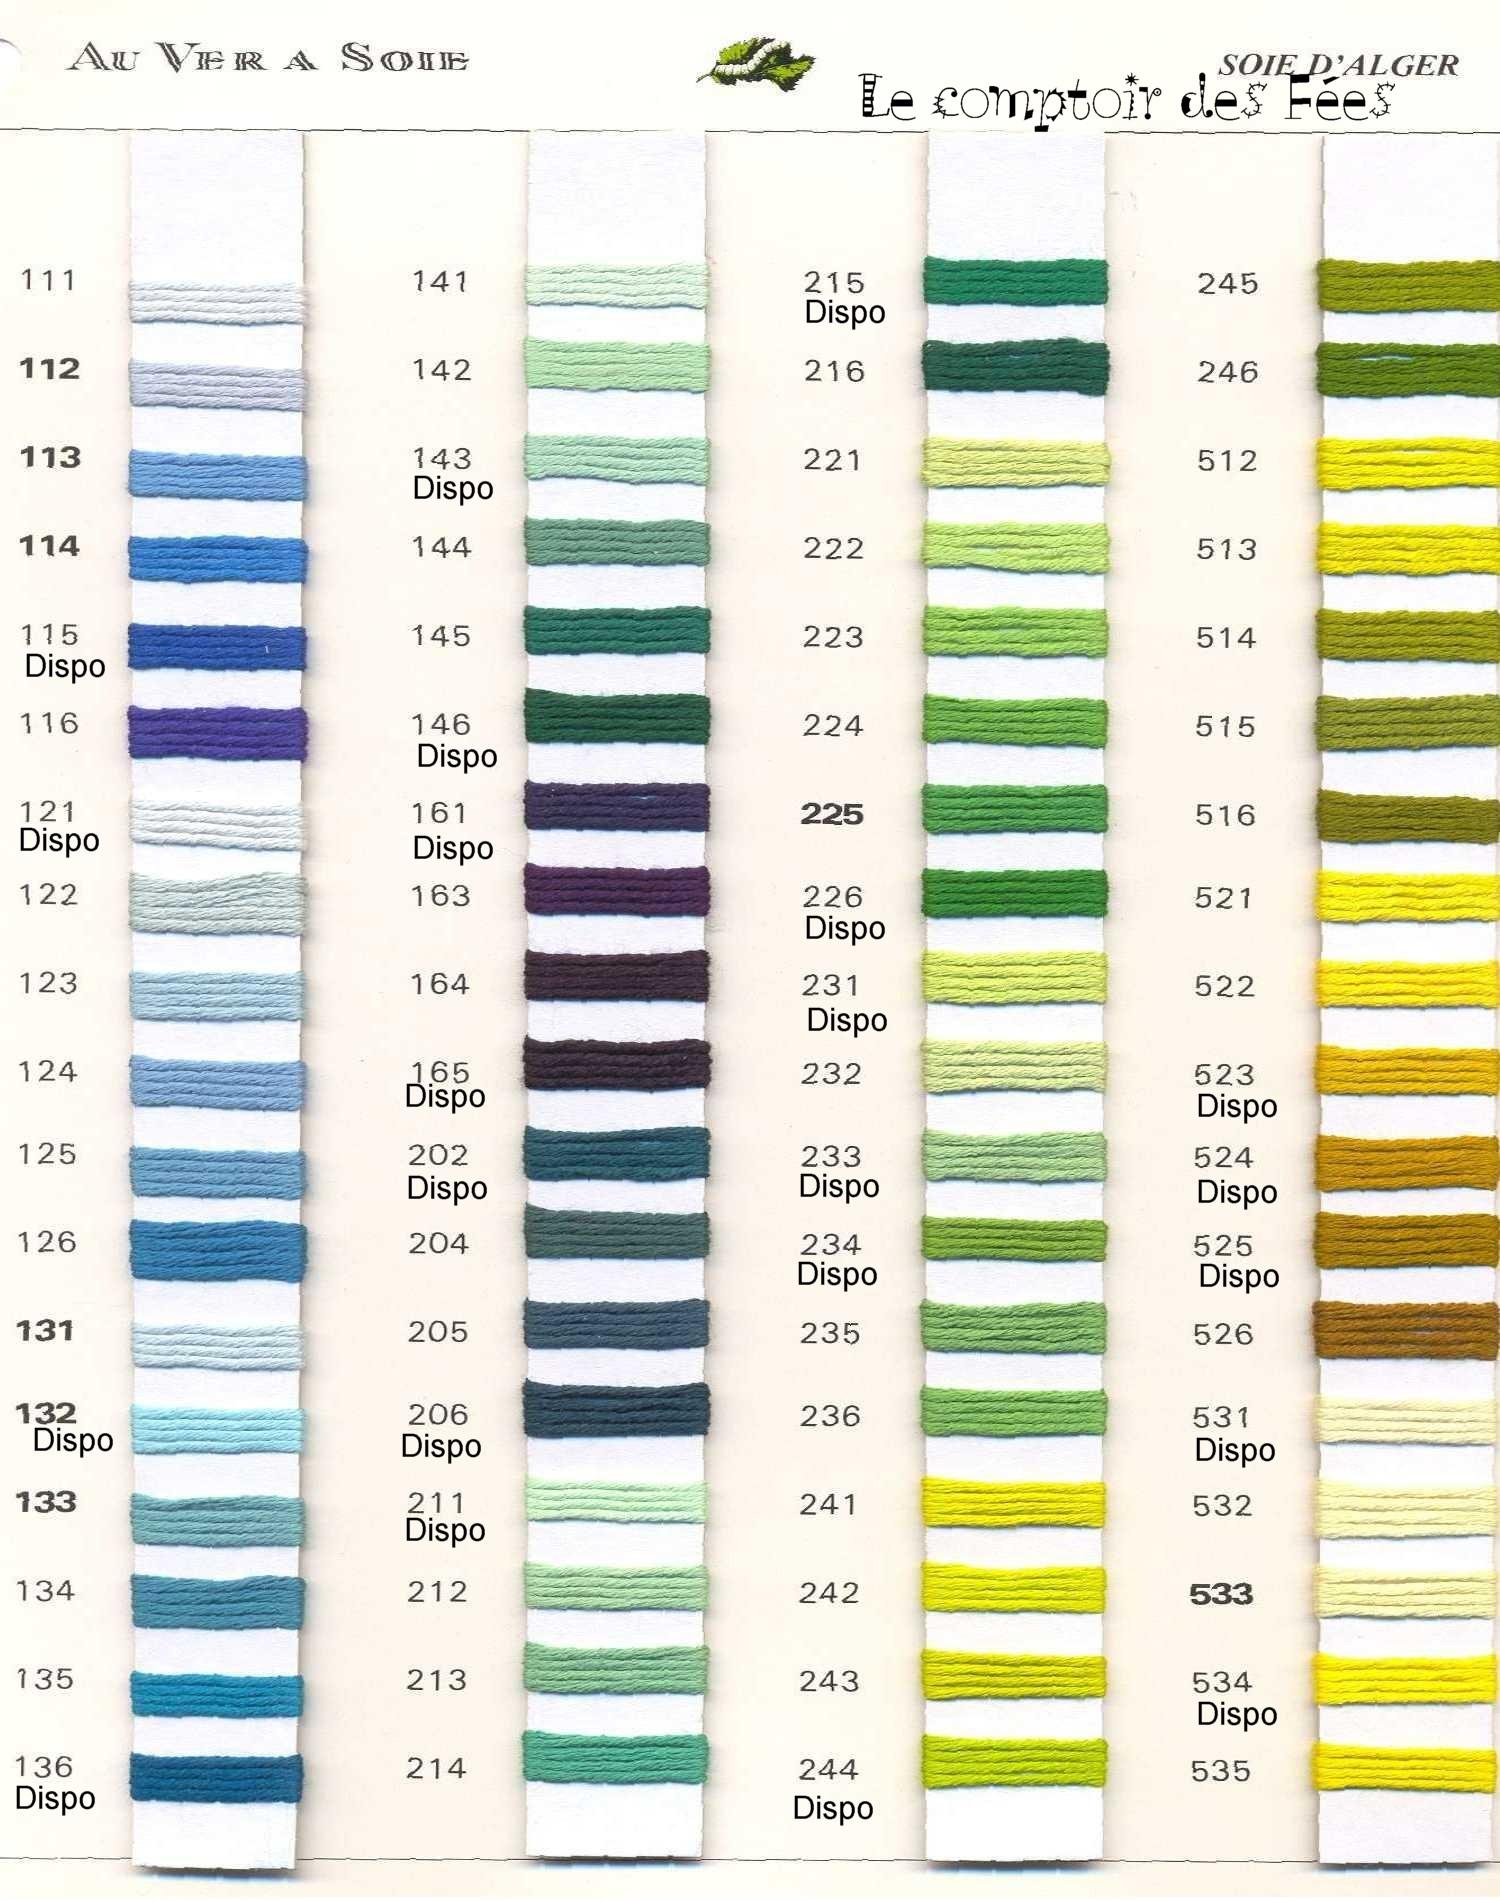 grenat couture collection broderie Carte à fil 1900 soie D/'Alger au Chinois